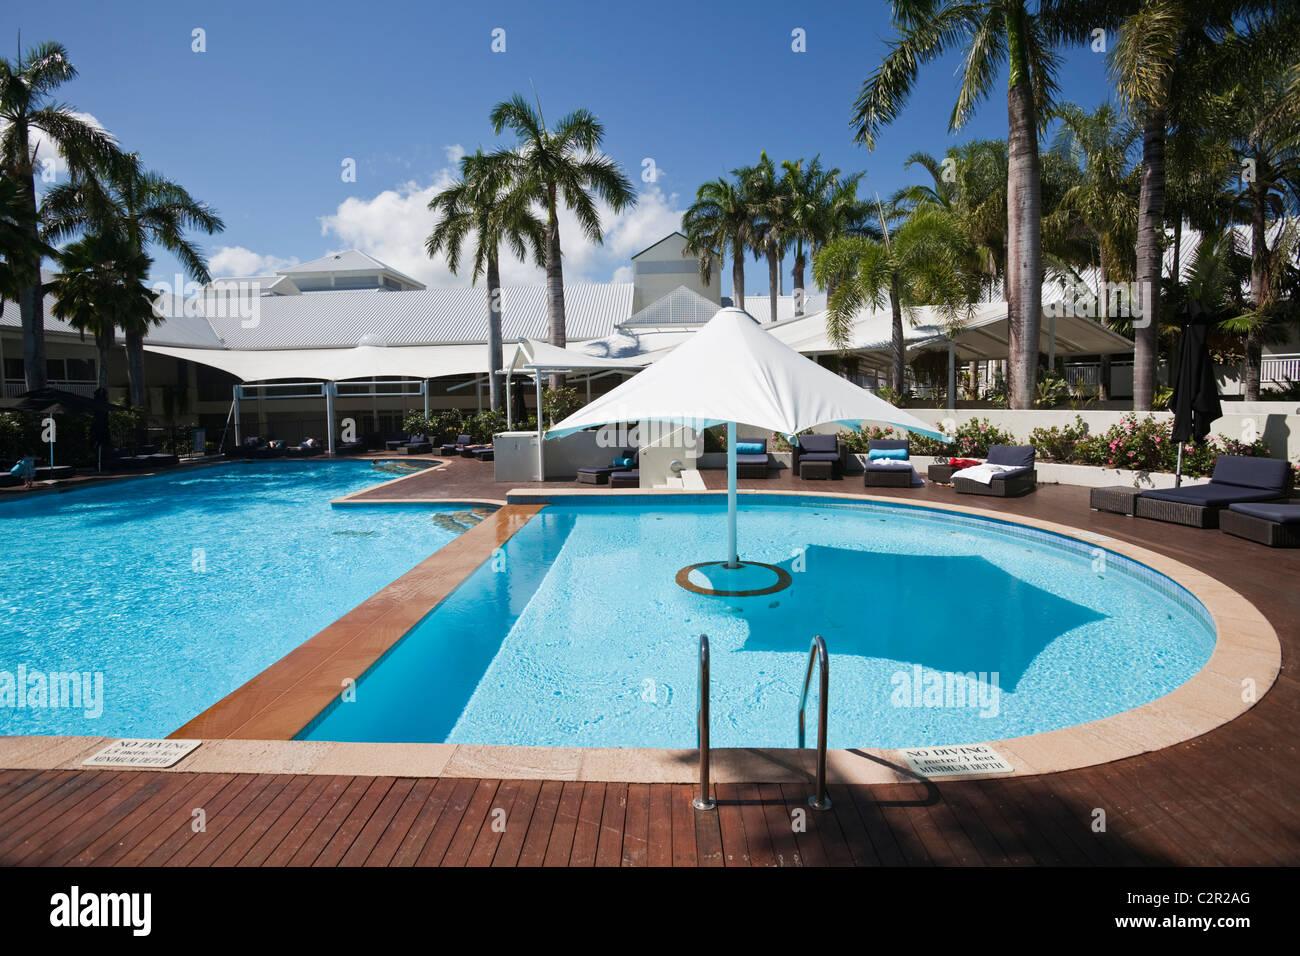 Piscina con Shangri-La Hotel. Il Molo, Cairns, Queensland, Australia Immagini Stock